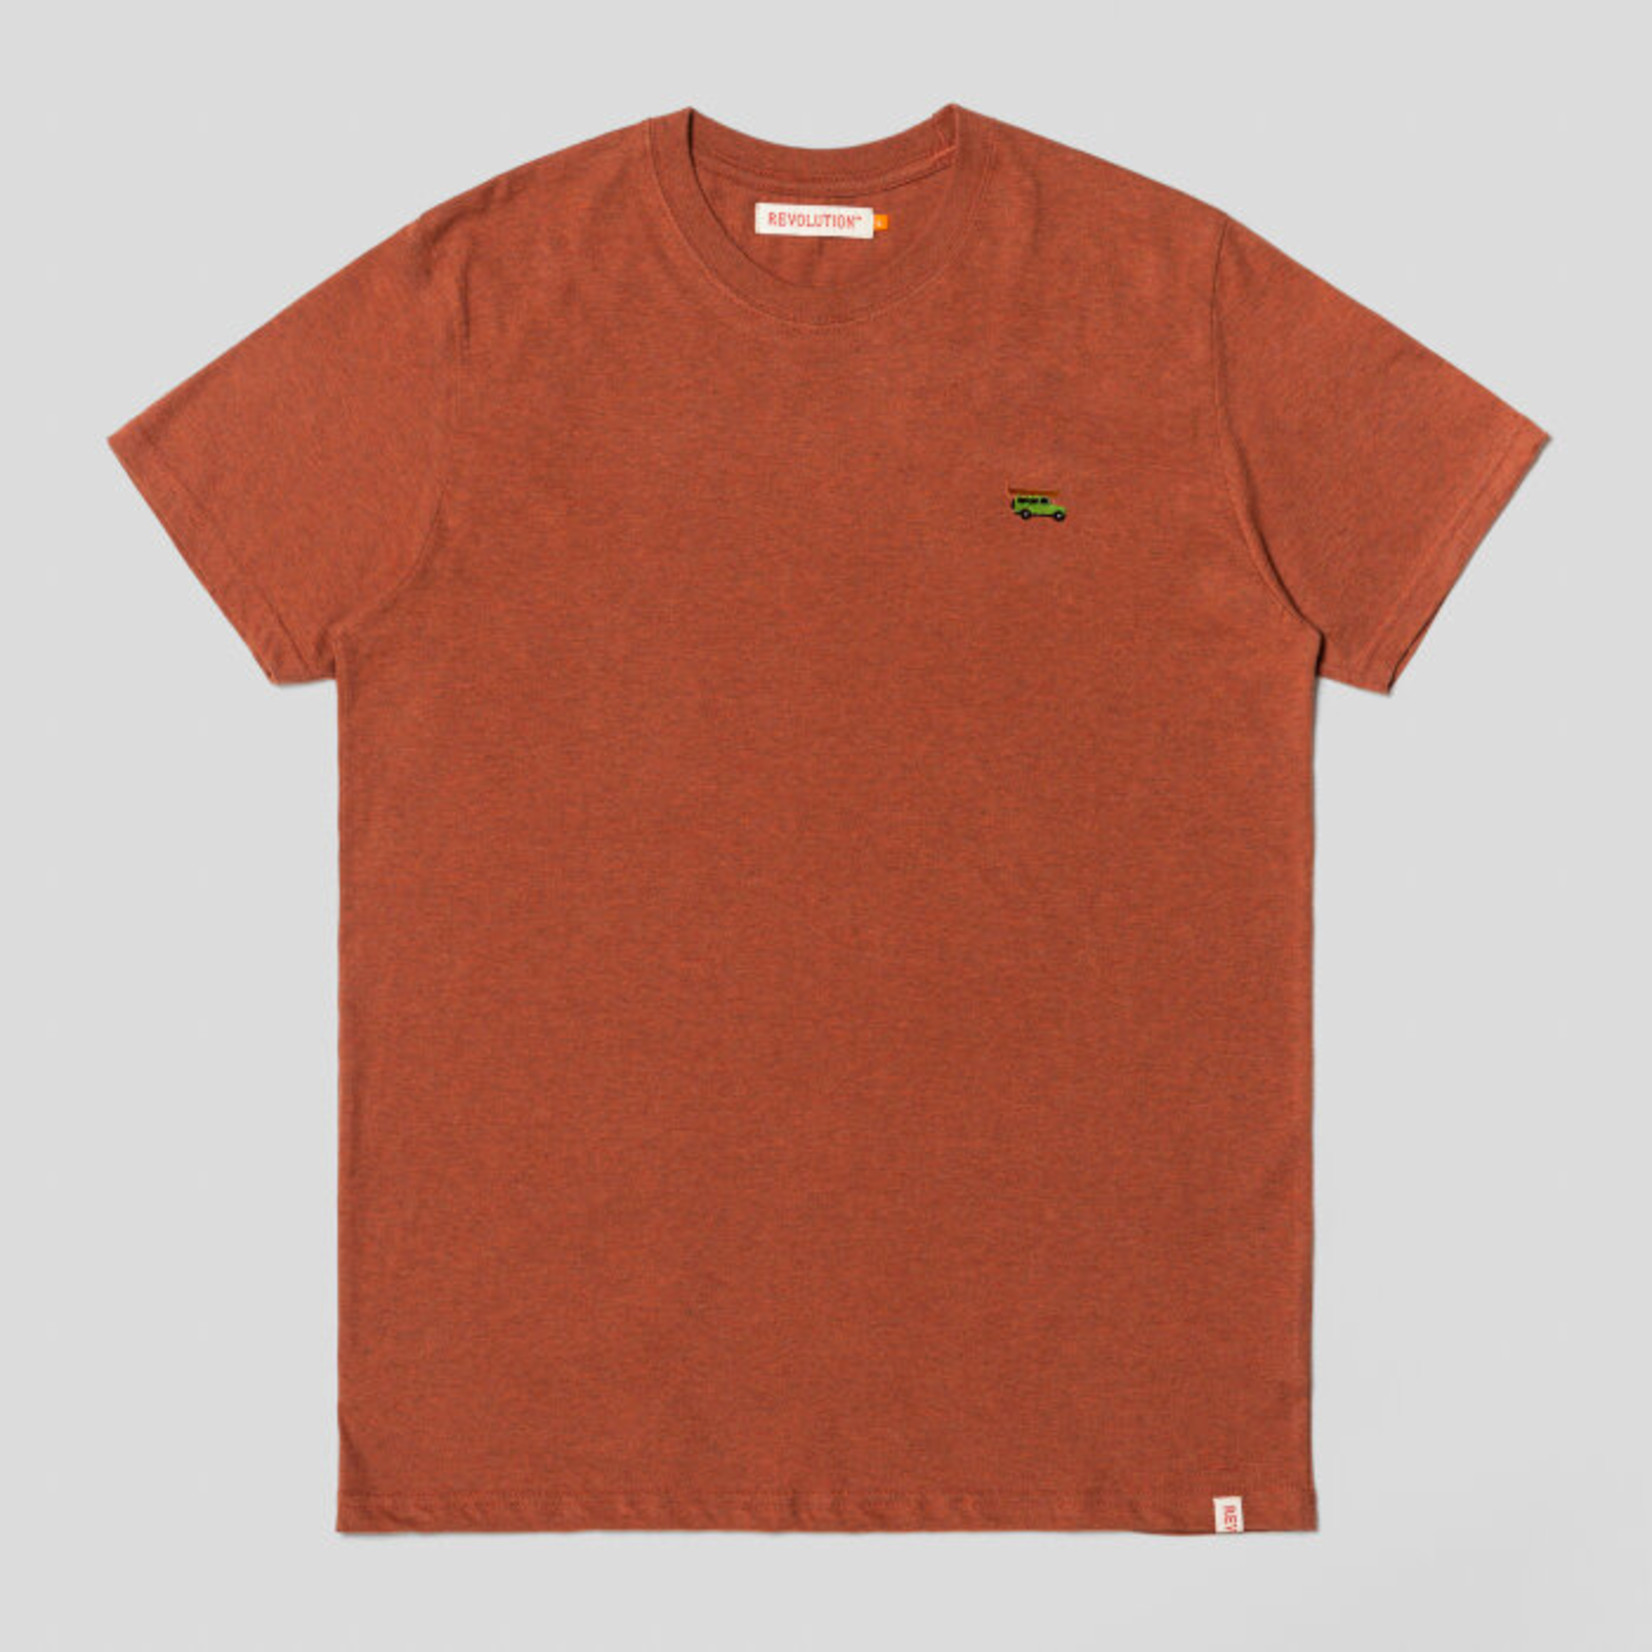 RVLT Revolution Revolution 1235 CAY T-Shirt